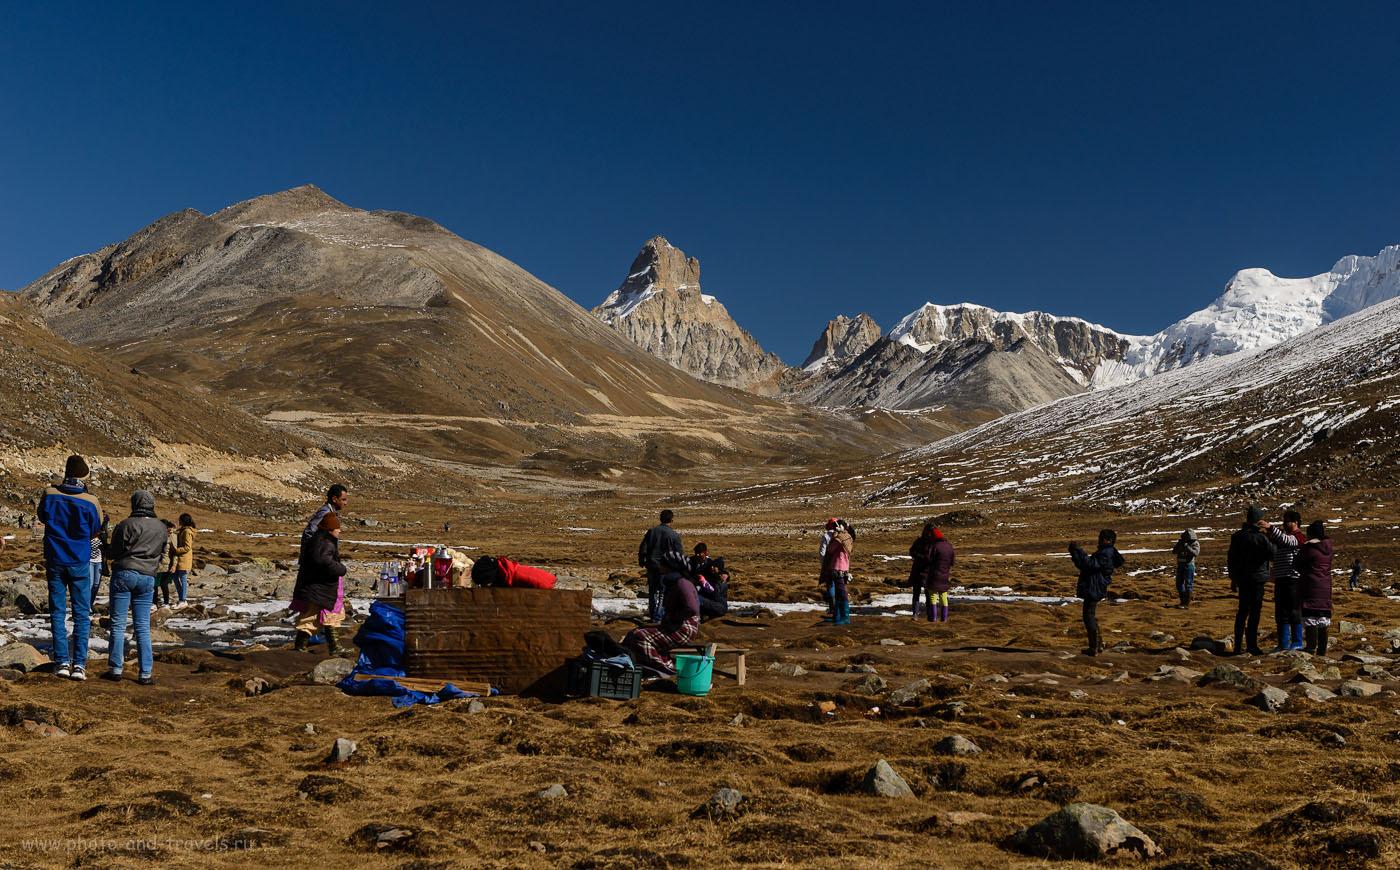 Снимок 6. Индийские туристы увидели снег в точкеZeroPoint. Отчет о поездке дикарем по Индии. Достопримечательности штата Сикким. 1/640, -1.0, 8.0, 250, 52.